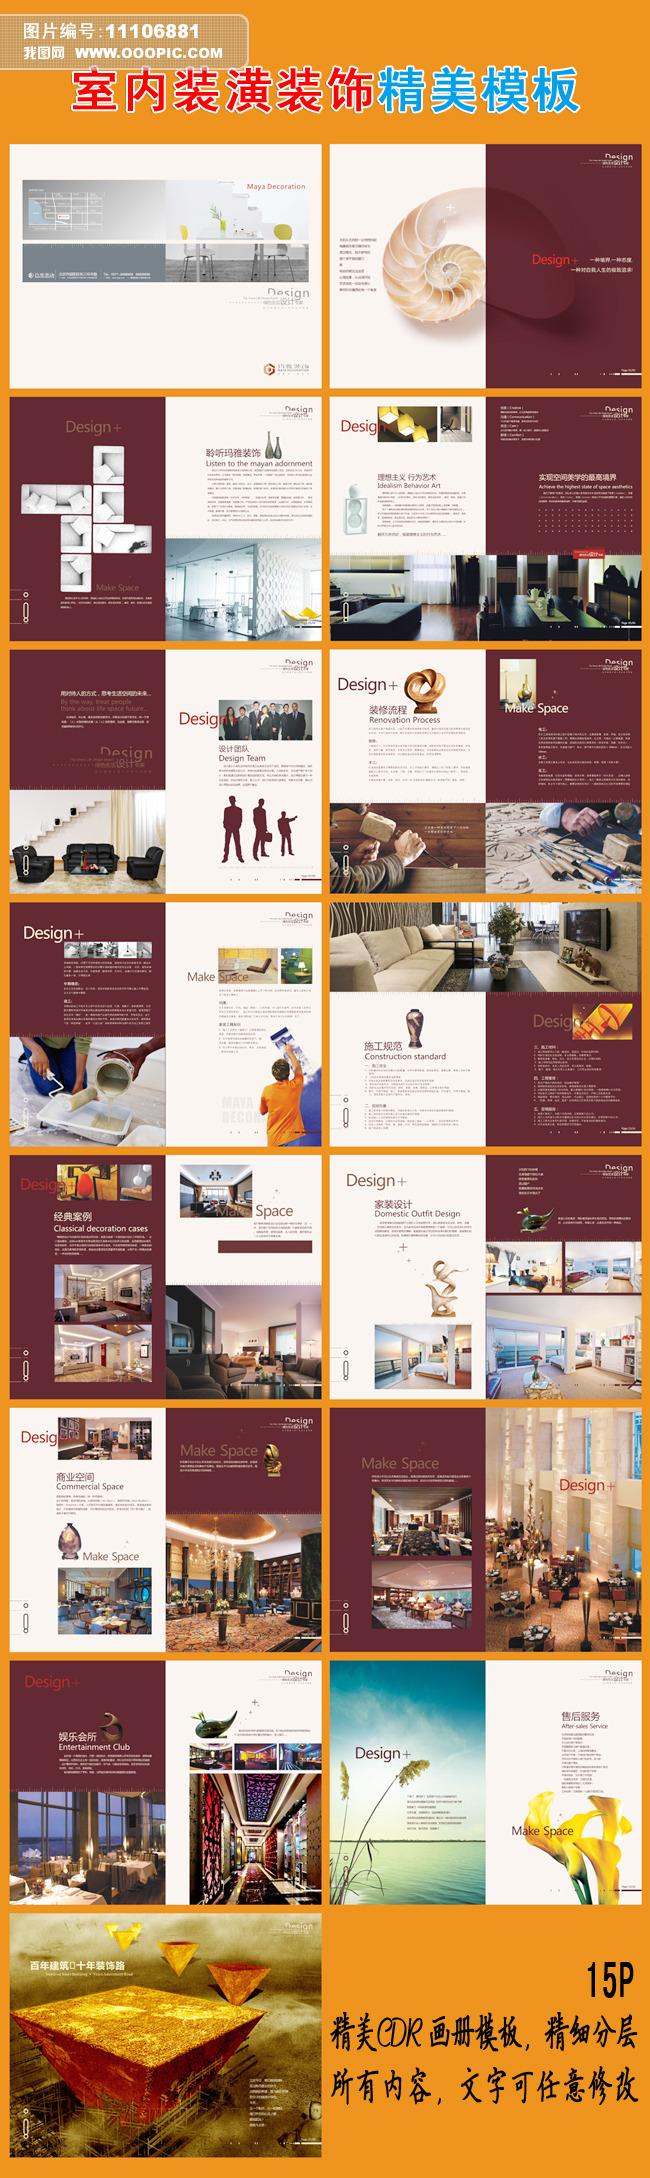 模板下载 室内装潢装饰公司画册模板 装饰公司 装饰公司画册 业绩展示